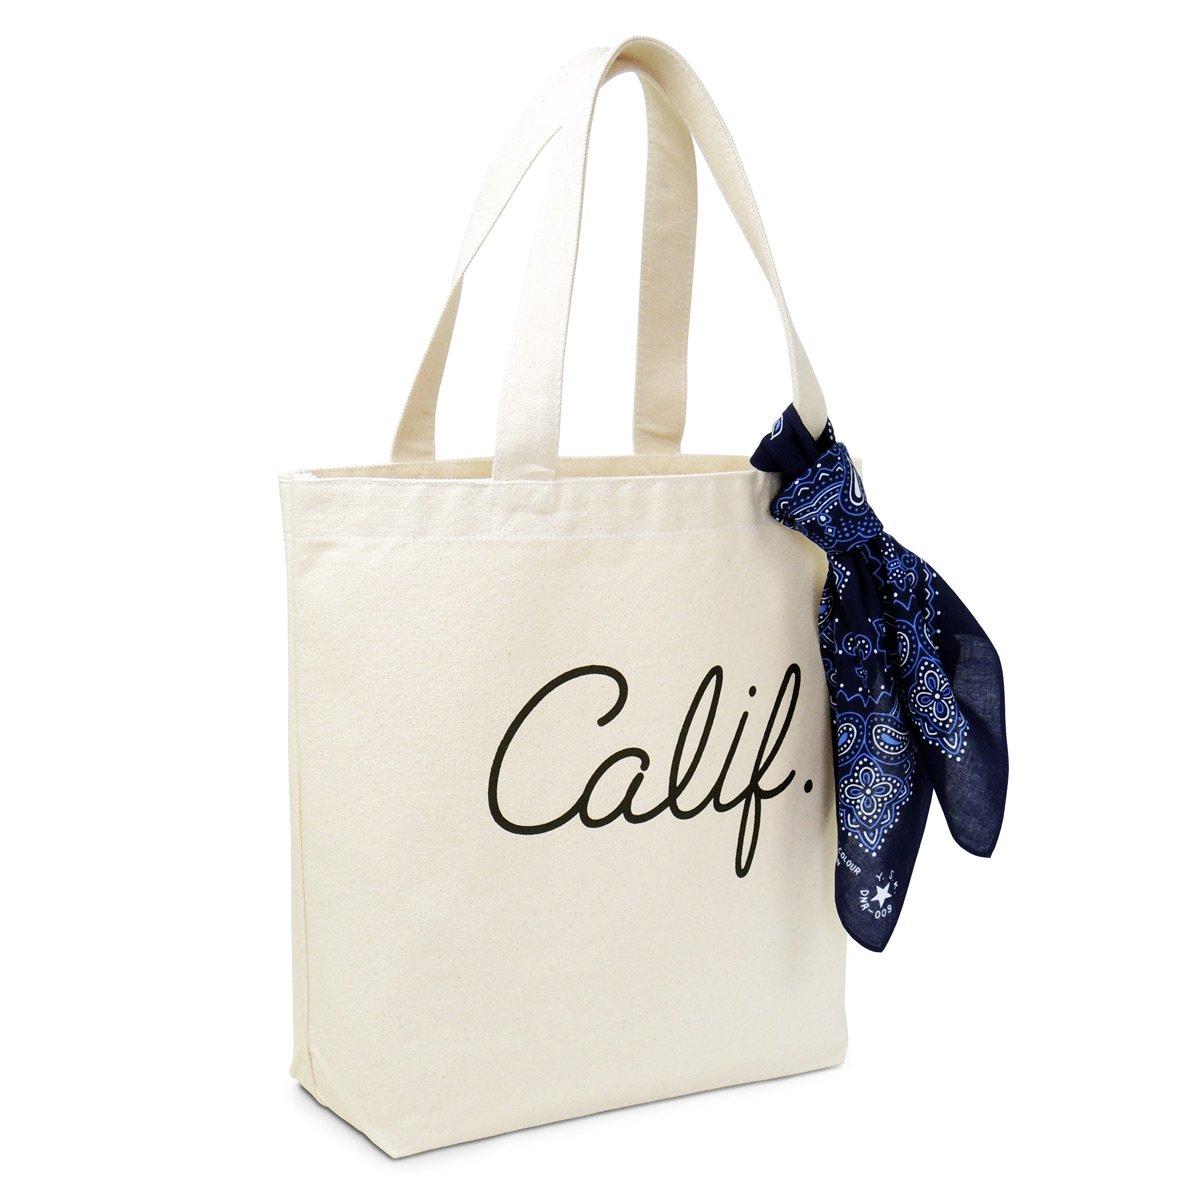 CALIF. トートバッグ